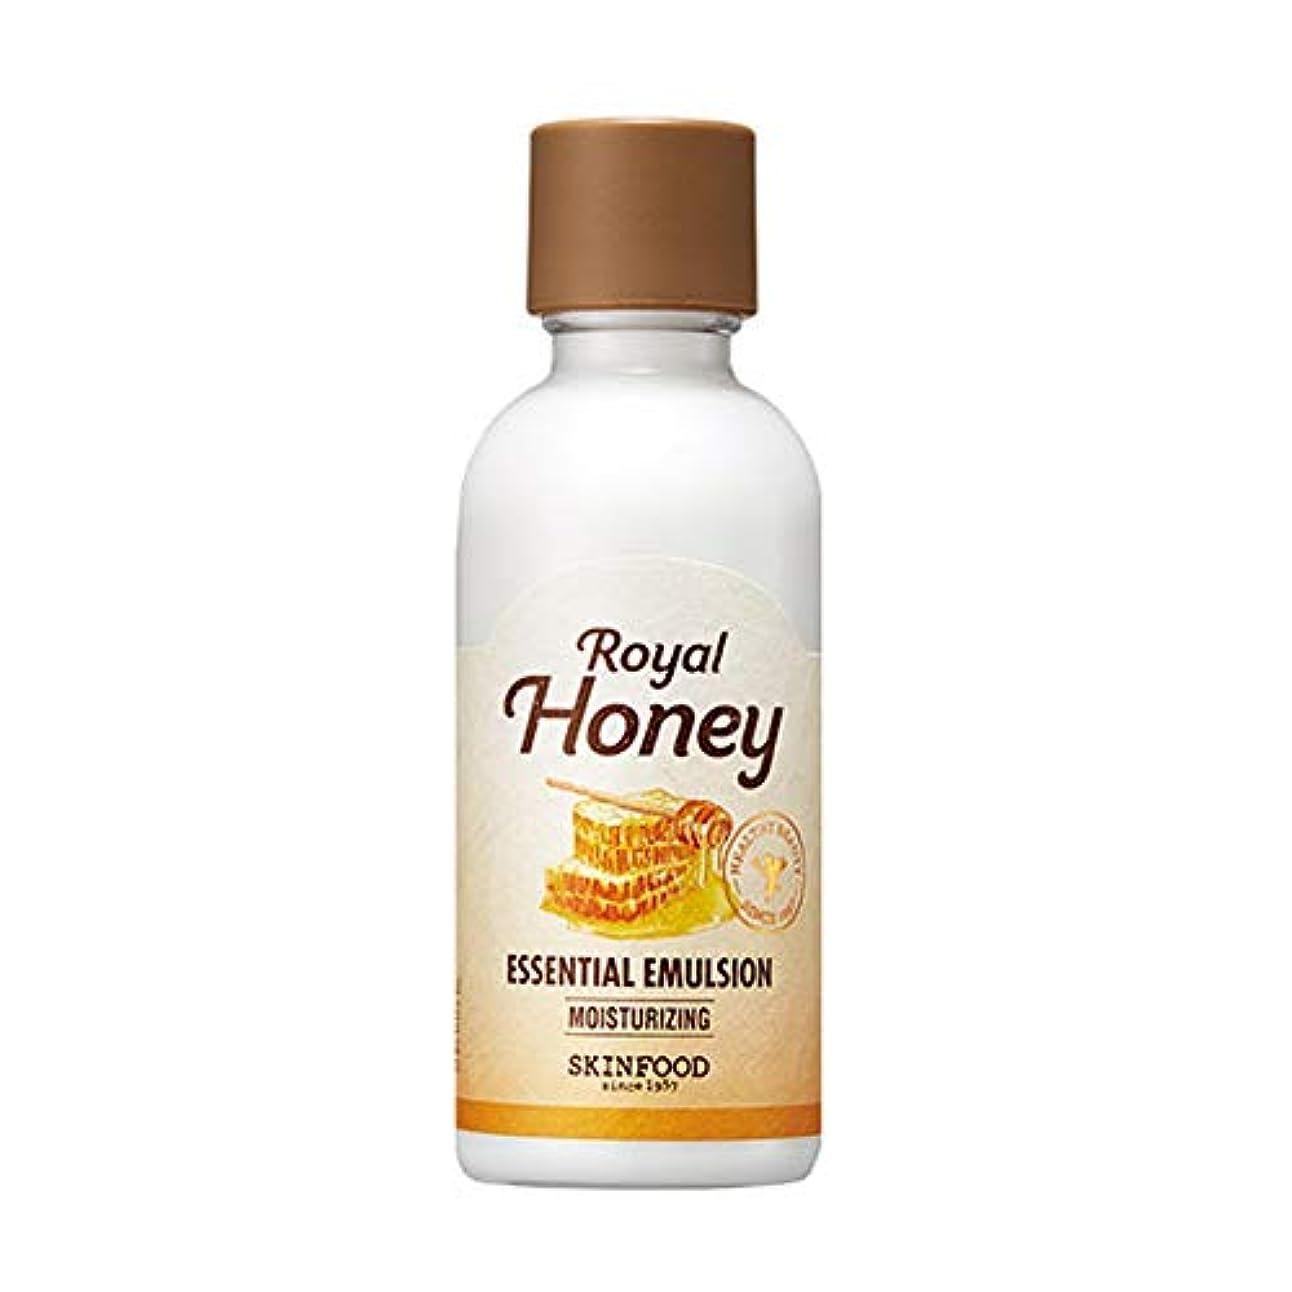 約束する有利配当Skinfood ロイヤルハニーエッセンシャルエマルジョン/Royal Honey Essential Emulsion 160ml [並行輸入品]